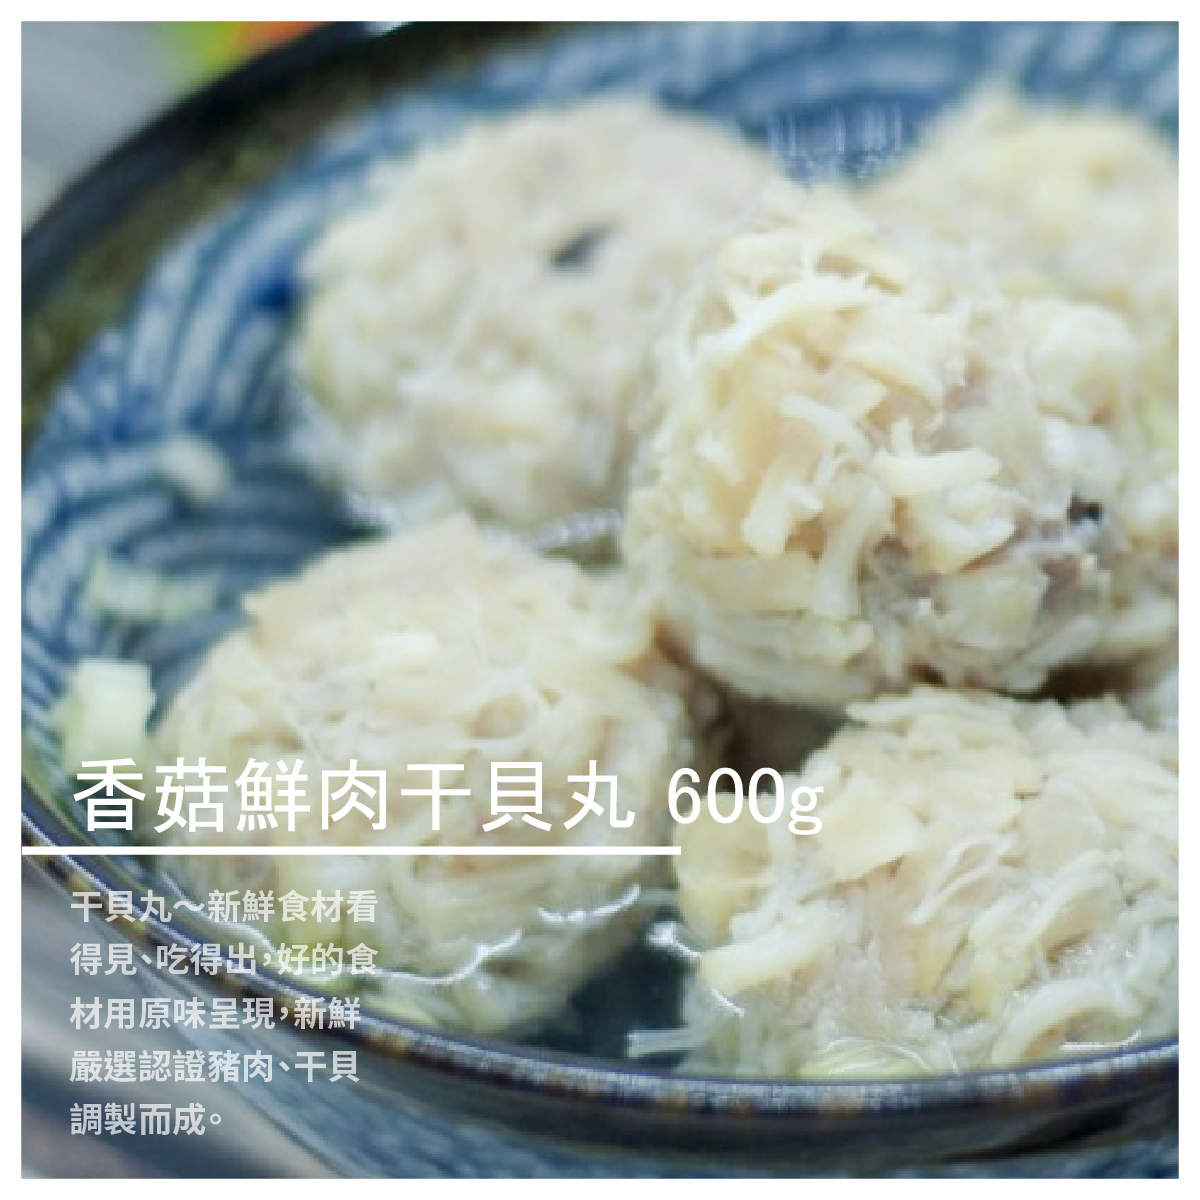 【興記手工貢丸】招牌香菇鮮肉干貝丸 600g